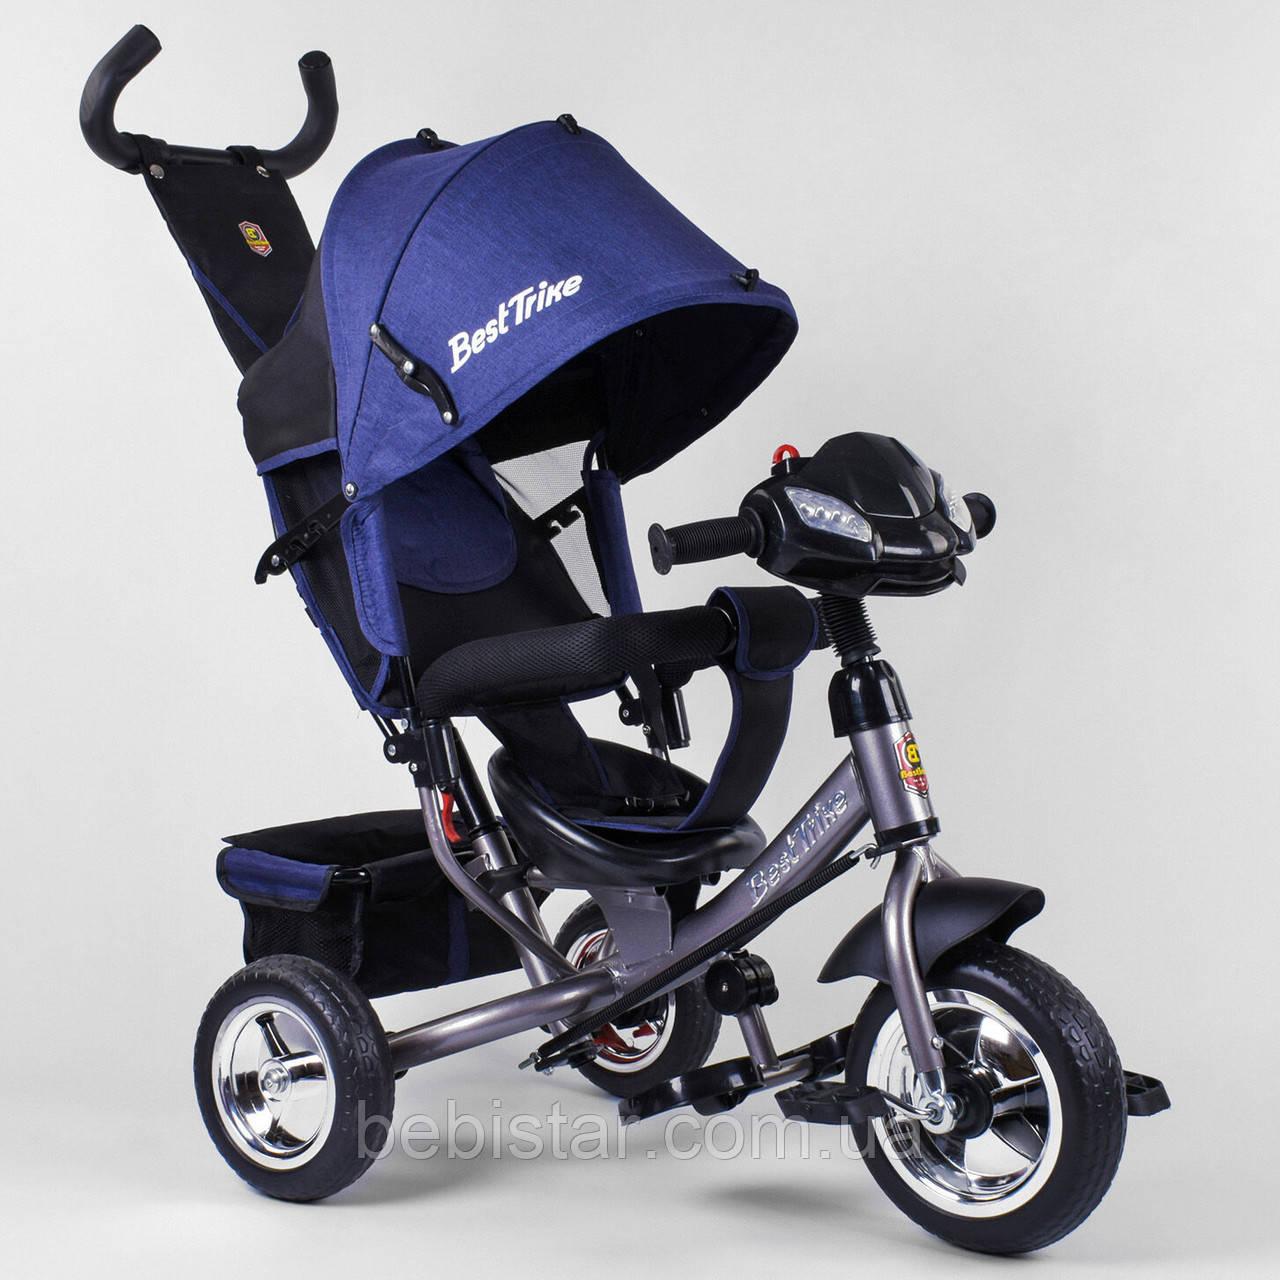 Детский трехколесный велосипед с фарой синий Best Trike 6588 бескамерное колесо ПЕНА детям от 1 года